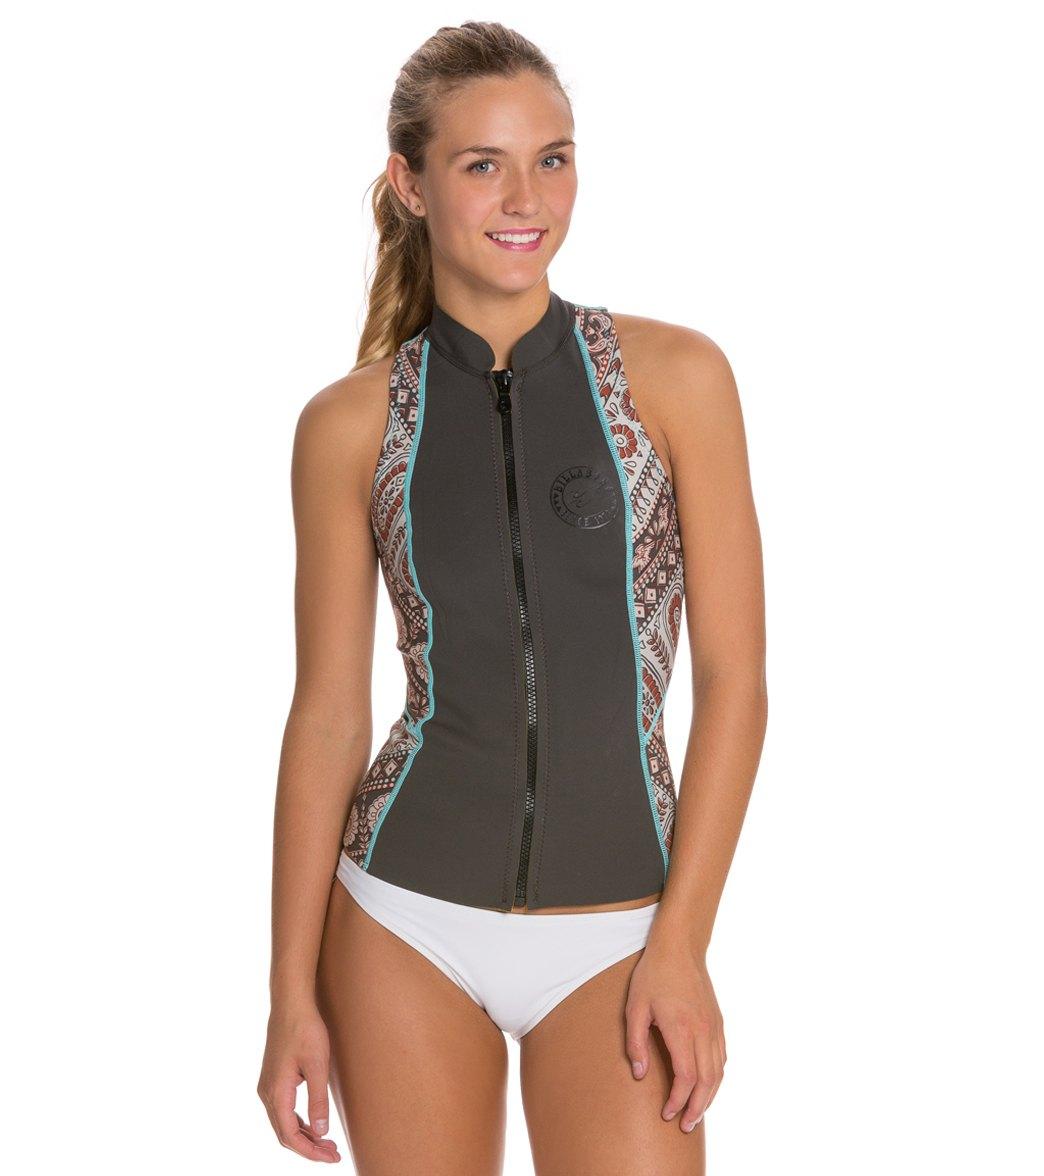 Billabong Women s 2MM Salty Dayz Wetsuit Vest at SwimOutlet.com ... d92fb9c21